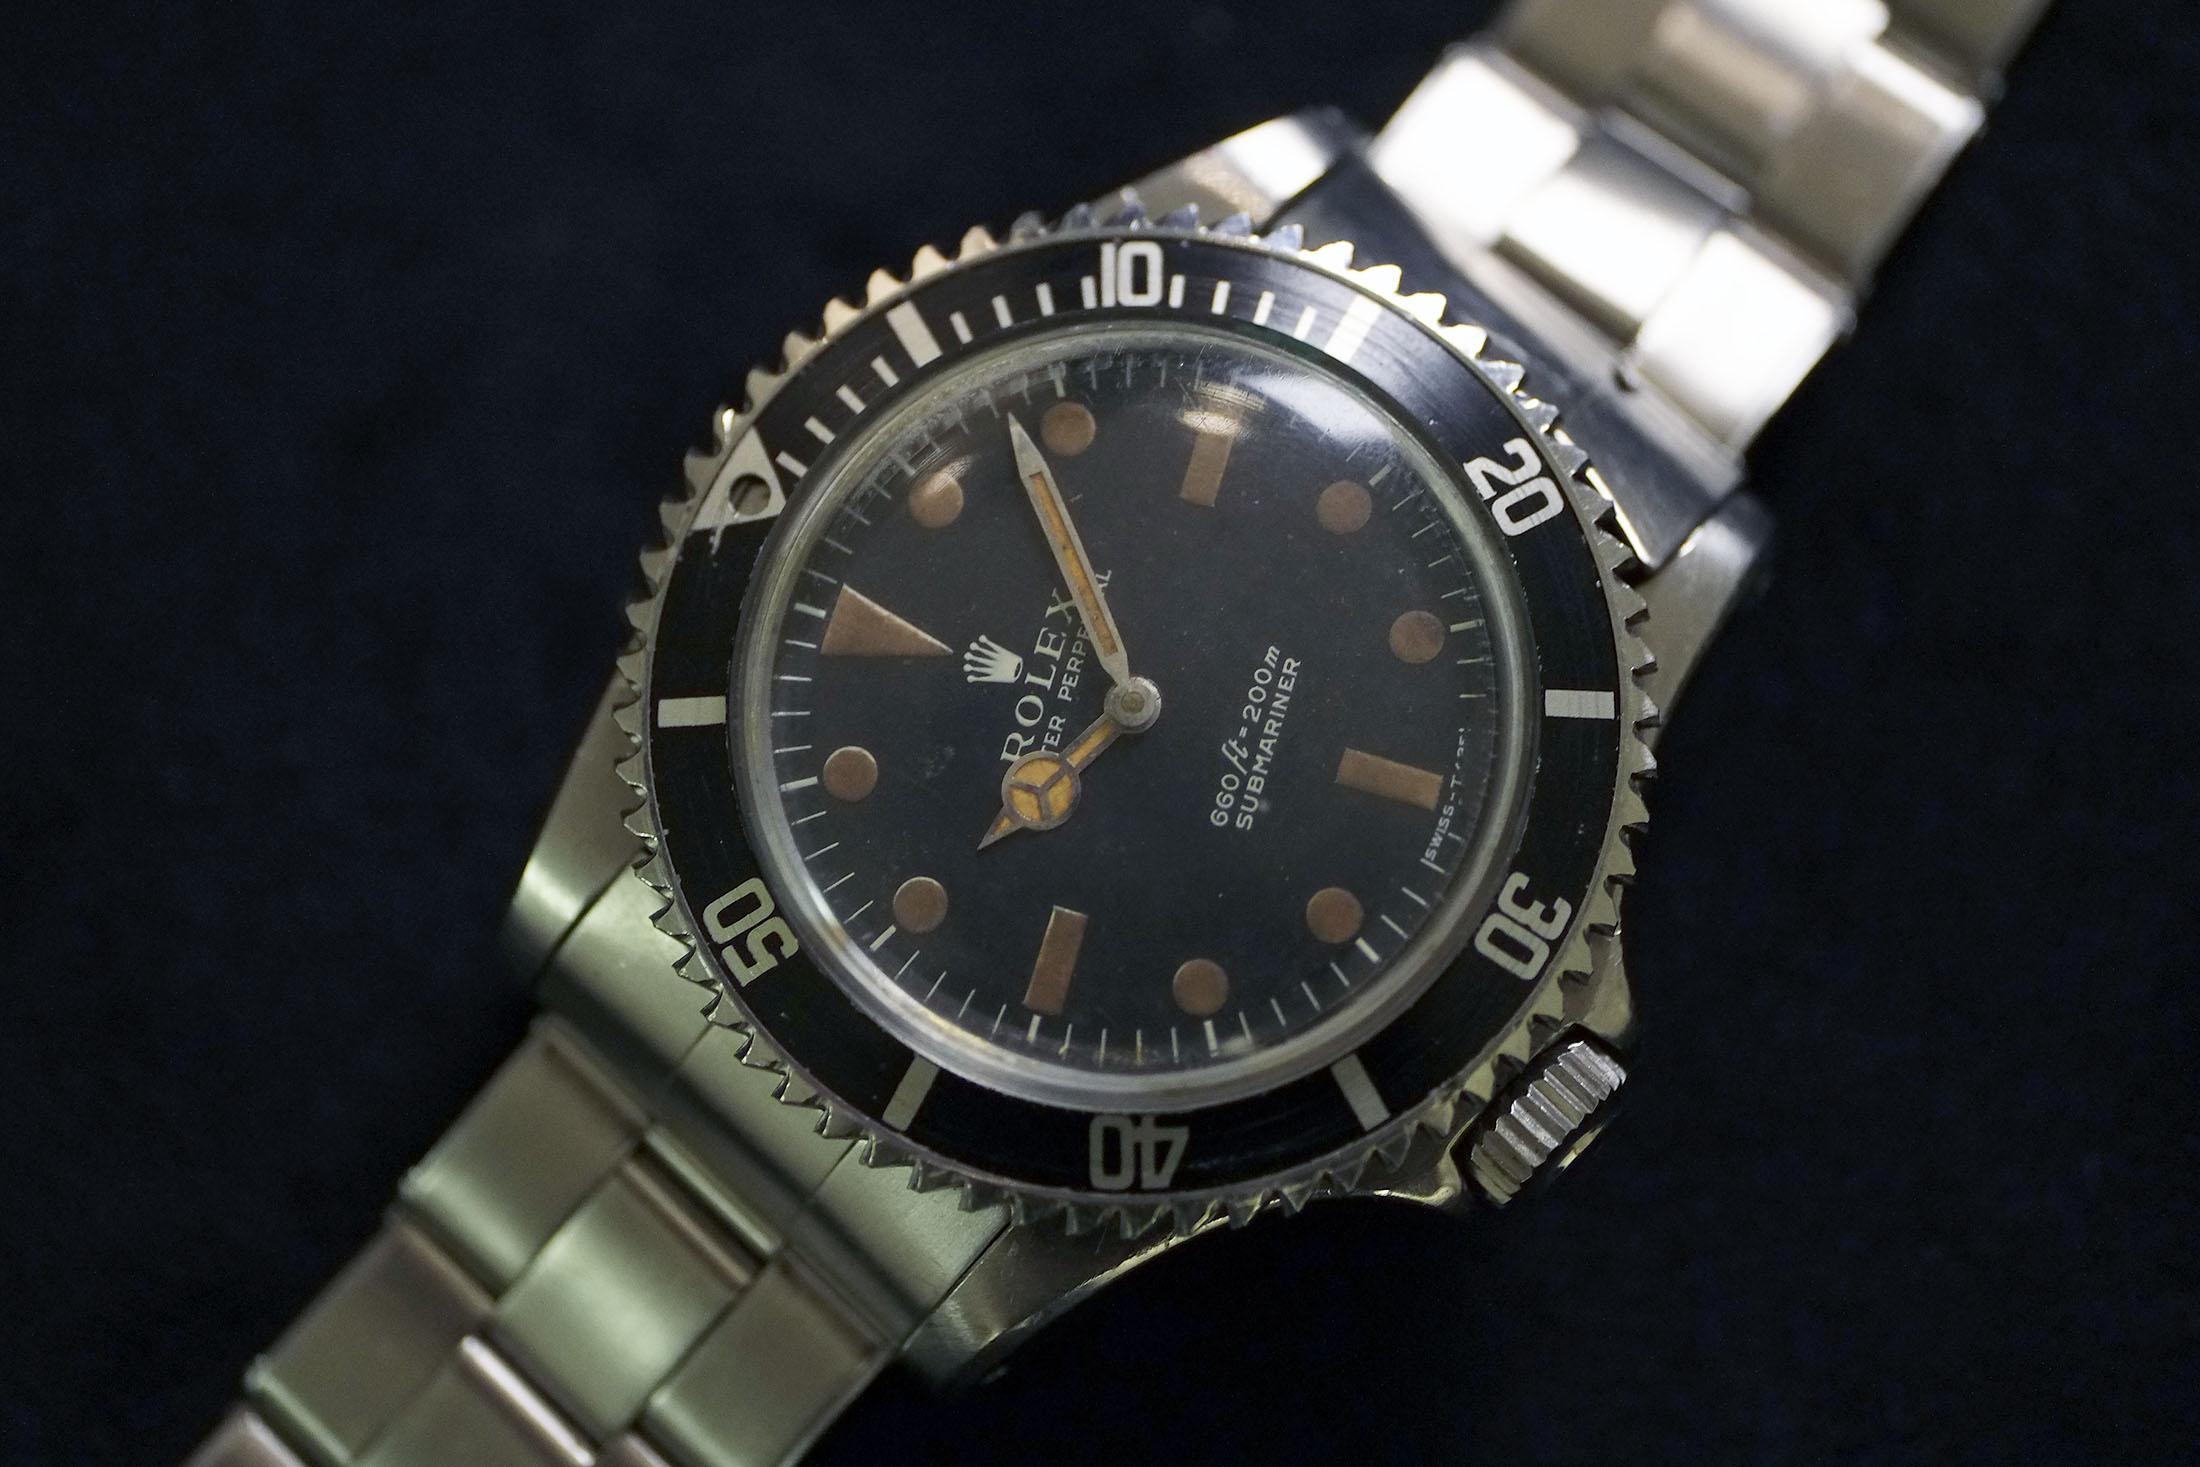 Rolex Submariner Worn by 007 (Lot 290)